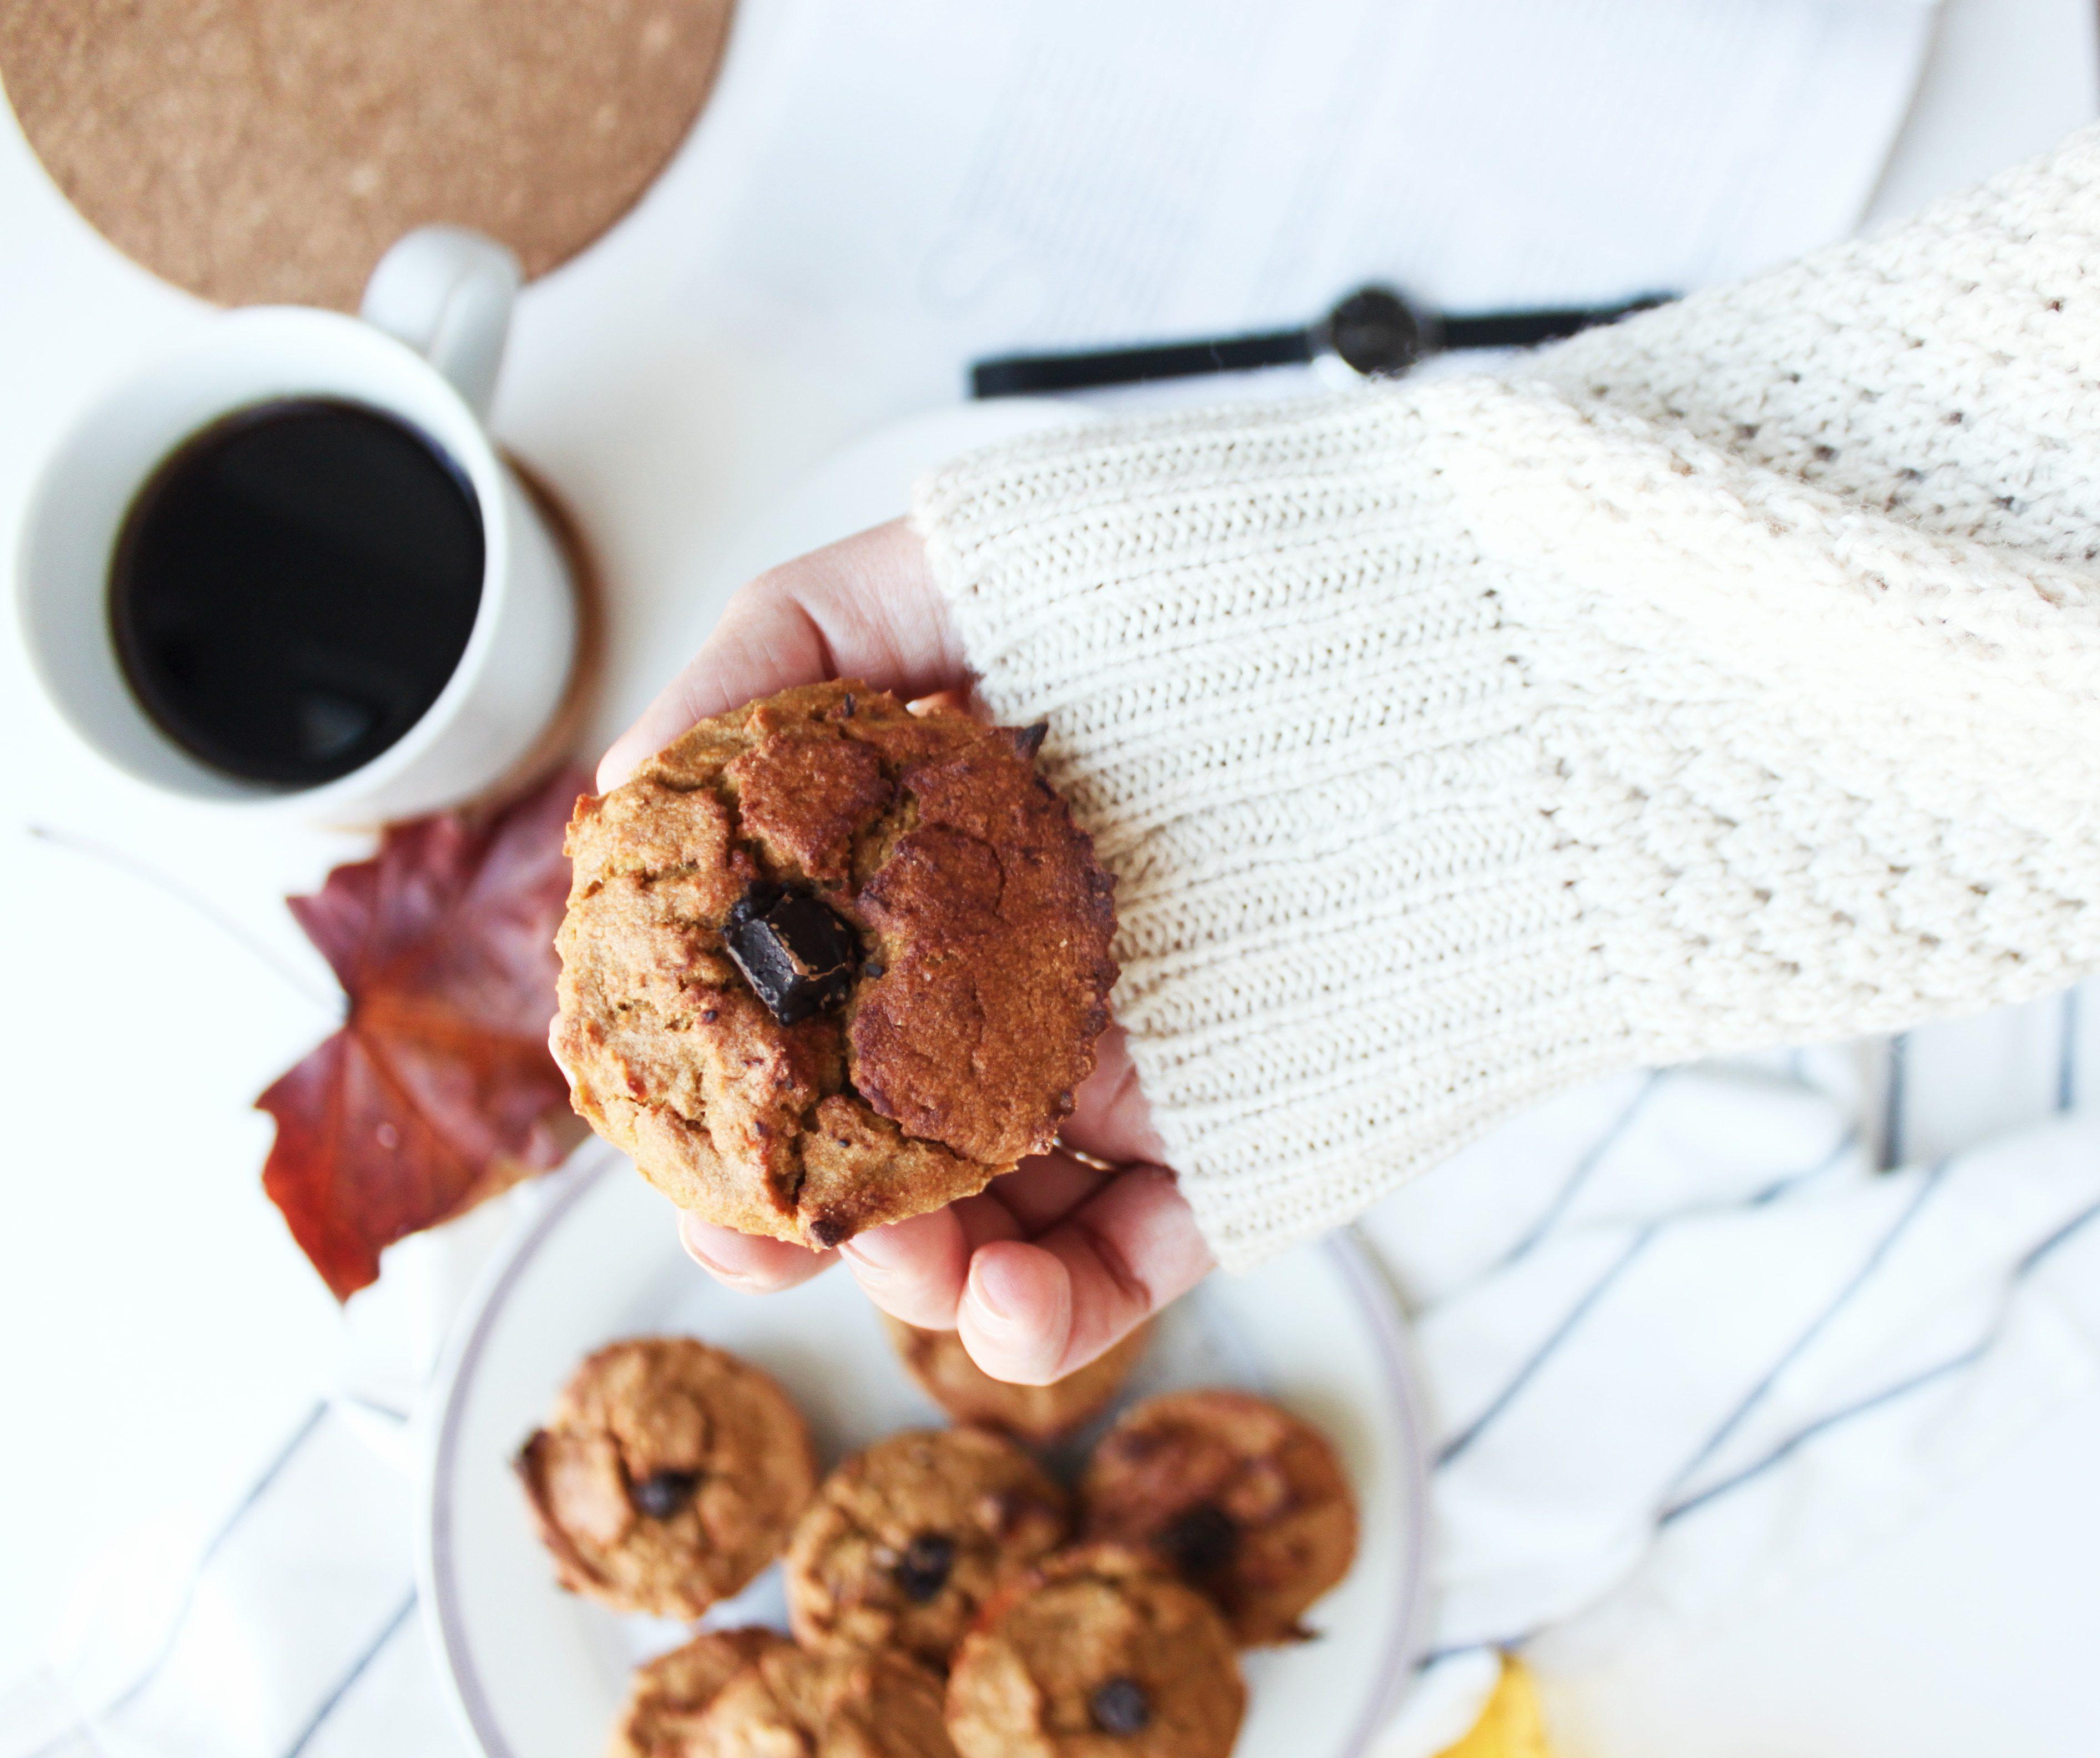 przepis na szybkie bezglutenowe muffiny dyniowe